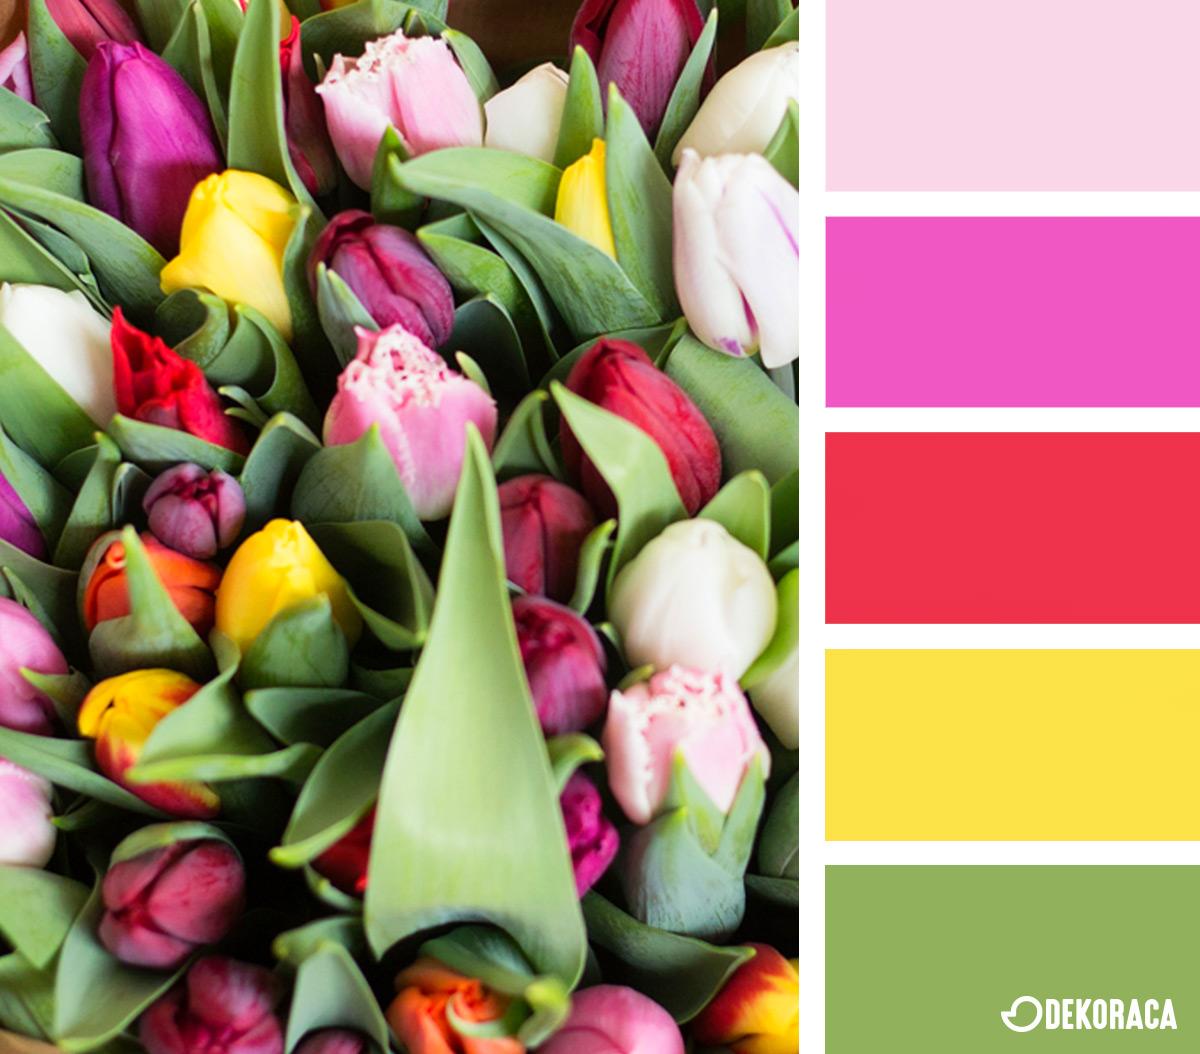 Dobrodošle barve pomladi